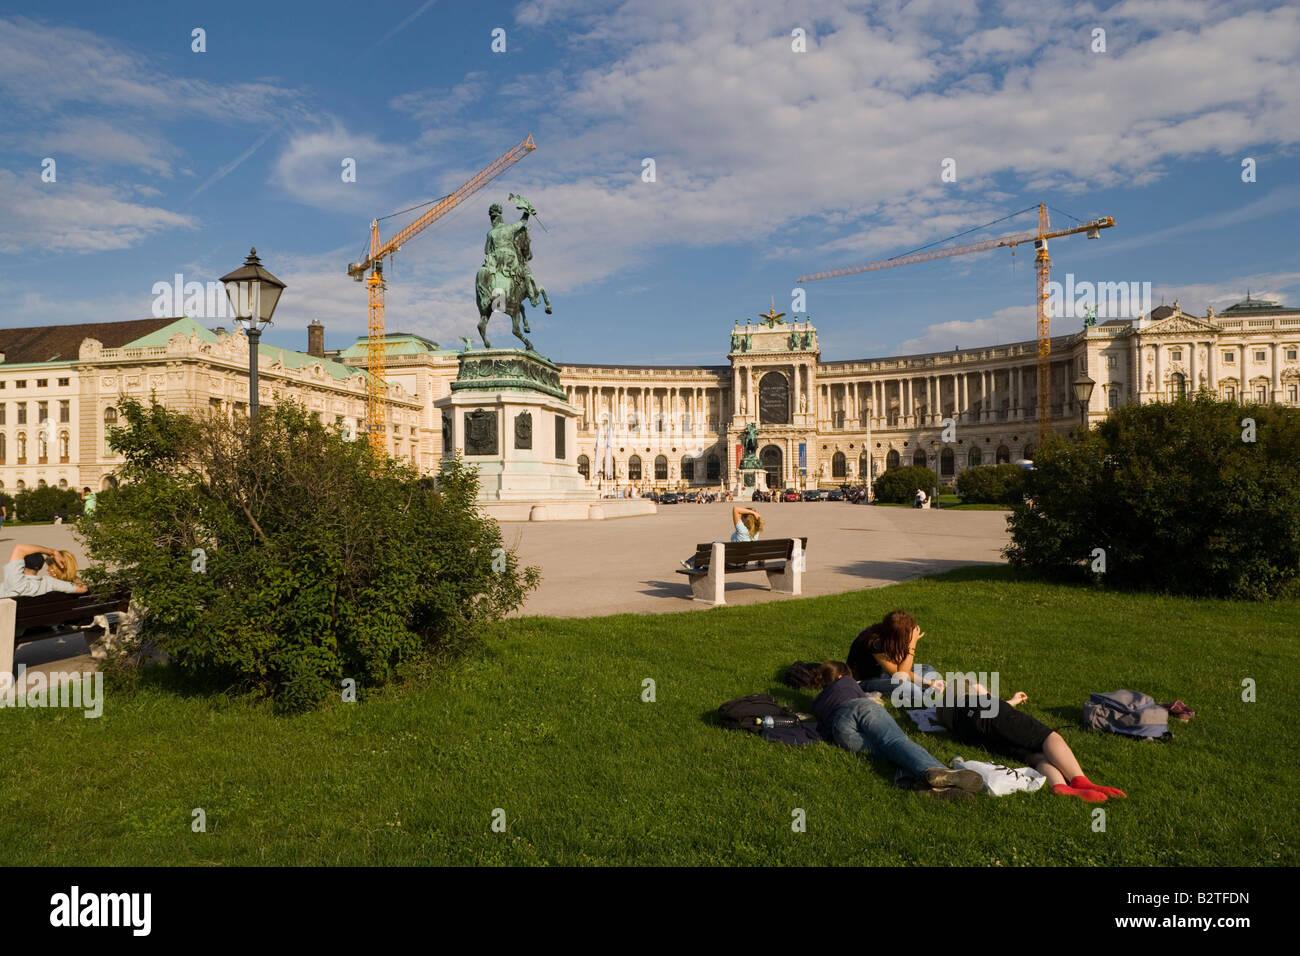 Erzherzog Karl Statue on Heldenplatz and Neue Hofburg Vienna, Austria - Stock Image